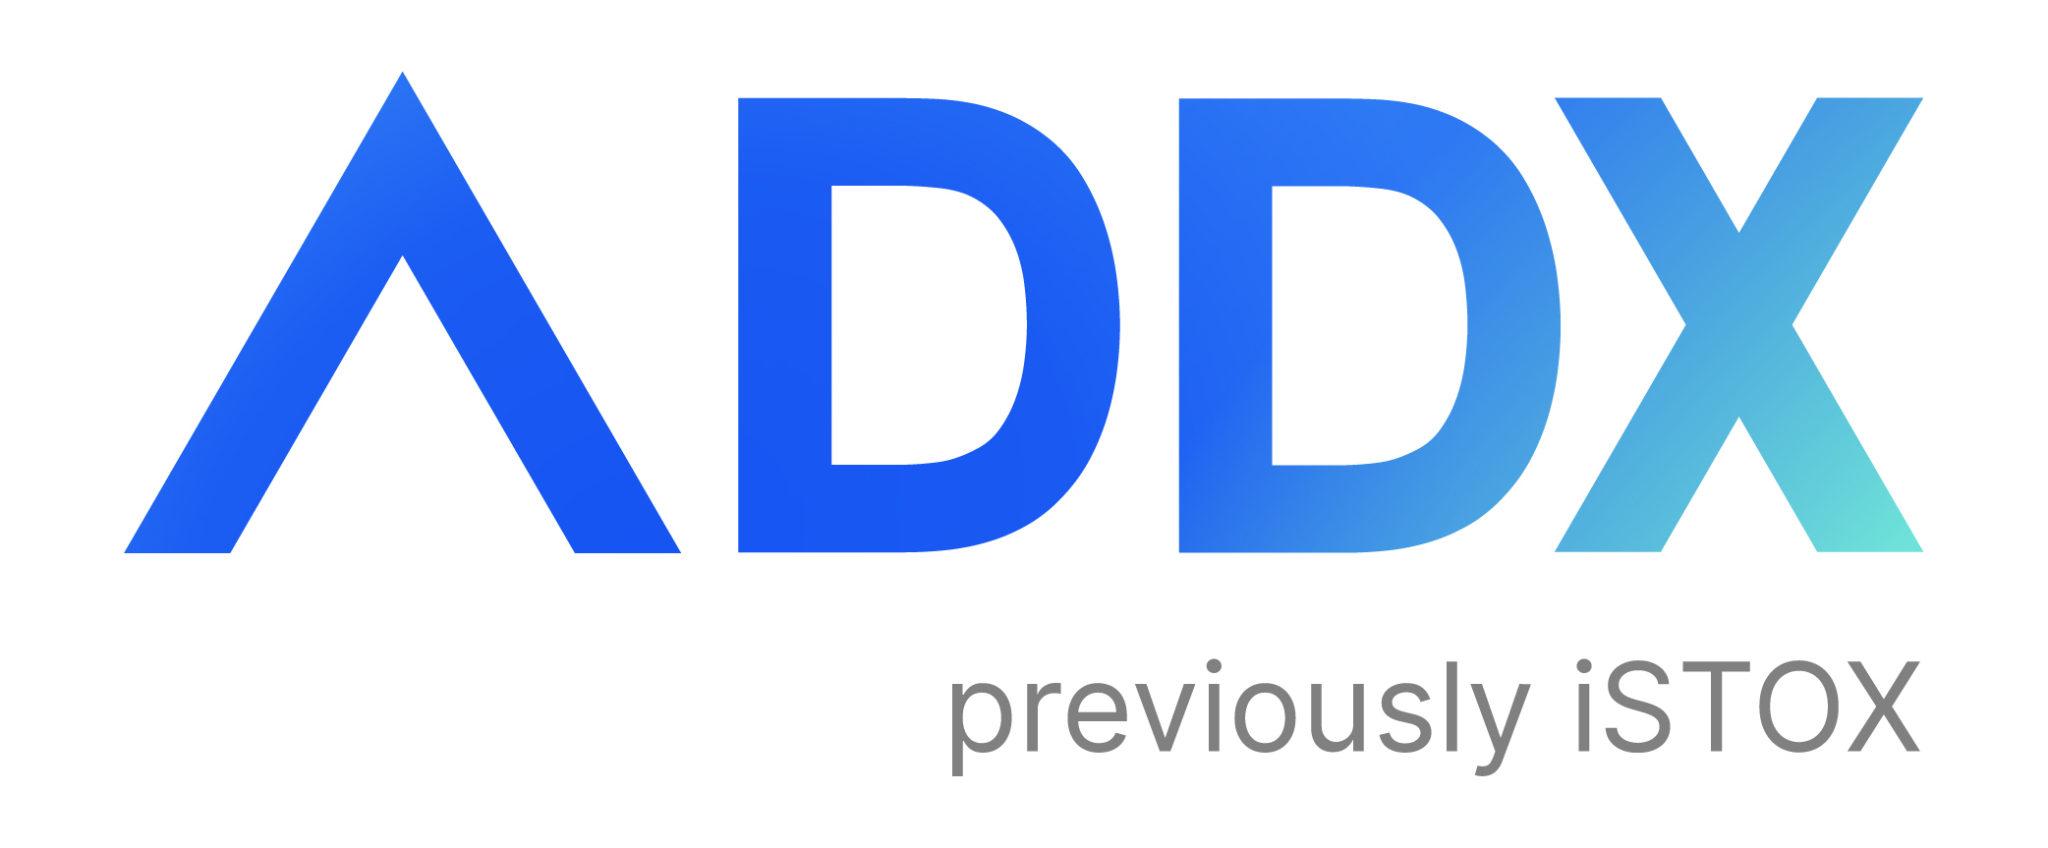 ADDX Logo